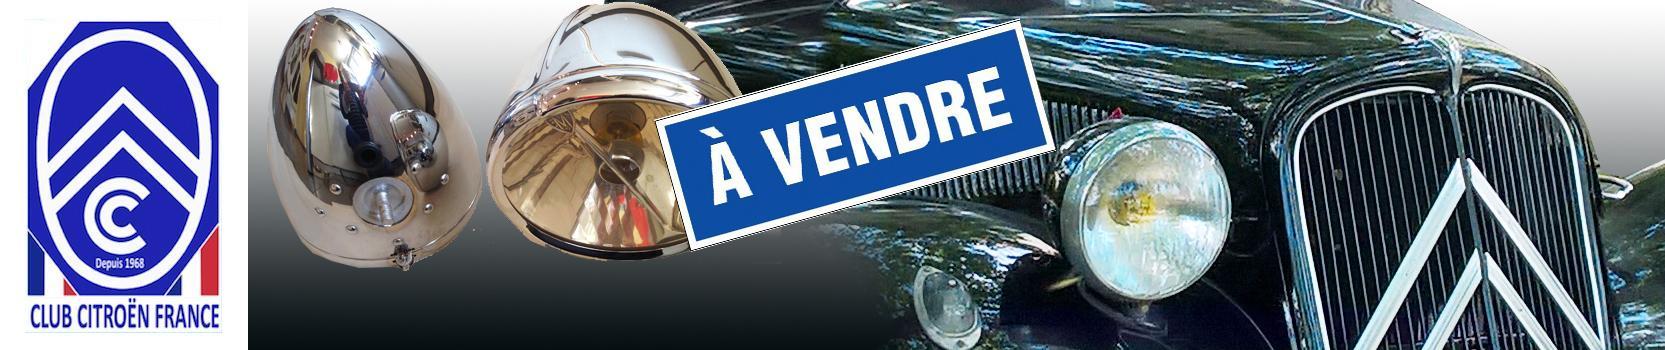 Les petites annonces du CLUB CITROËN FRANCE